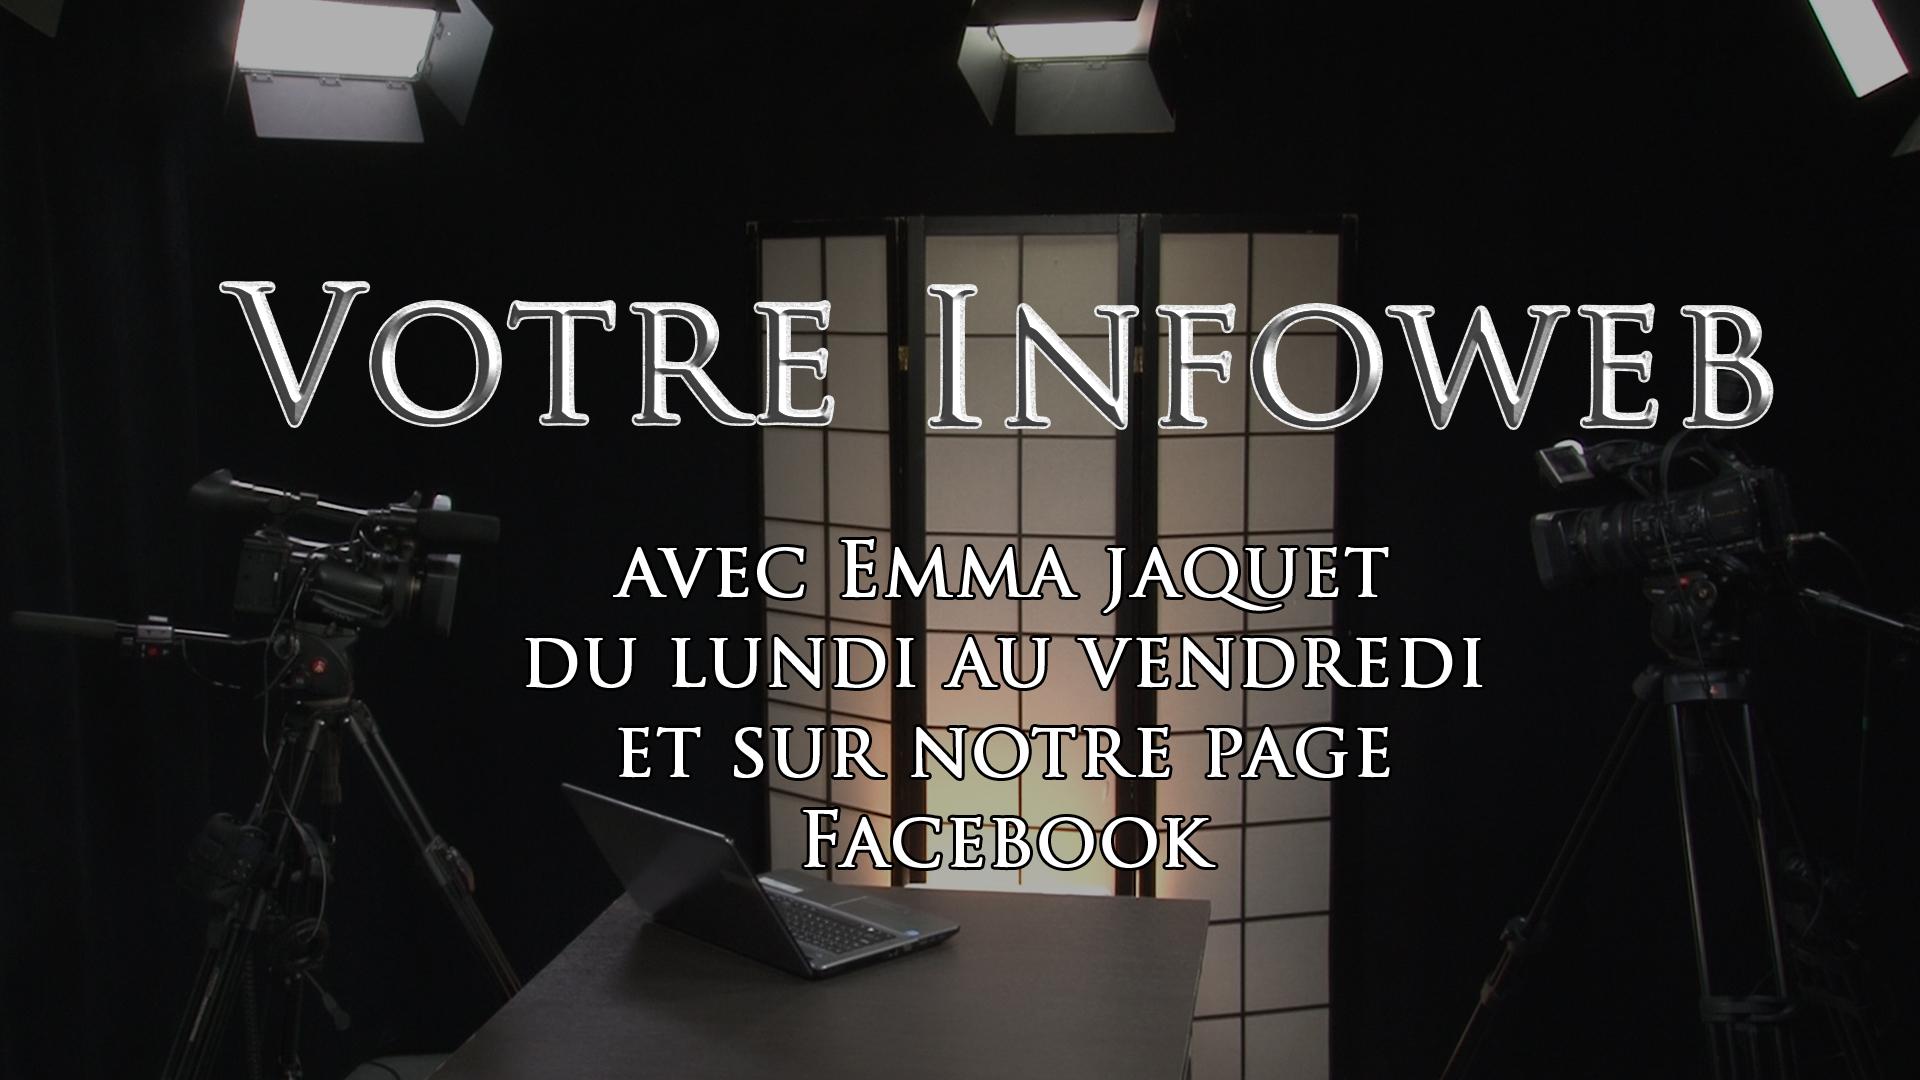 Votre Infoweb du mardi 23 avril 2019 avec Emma Jaquet